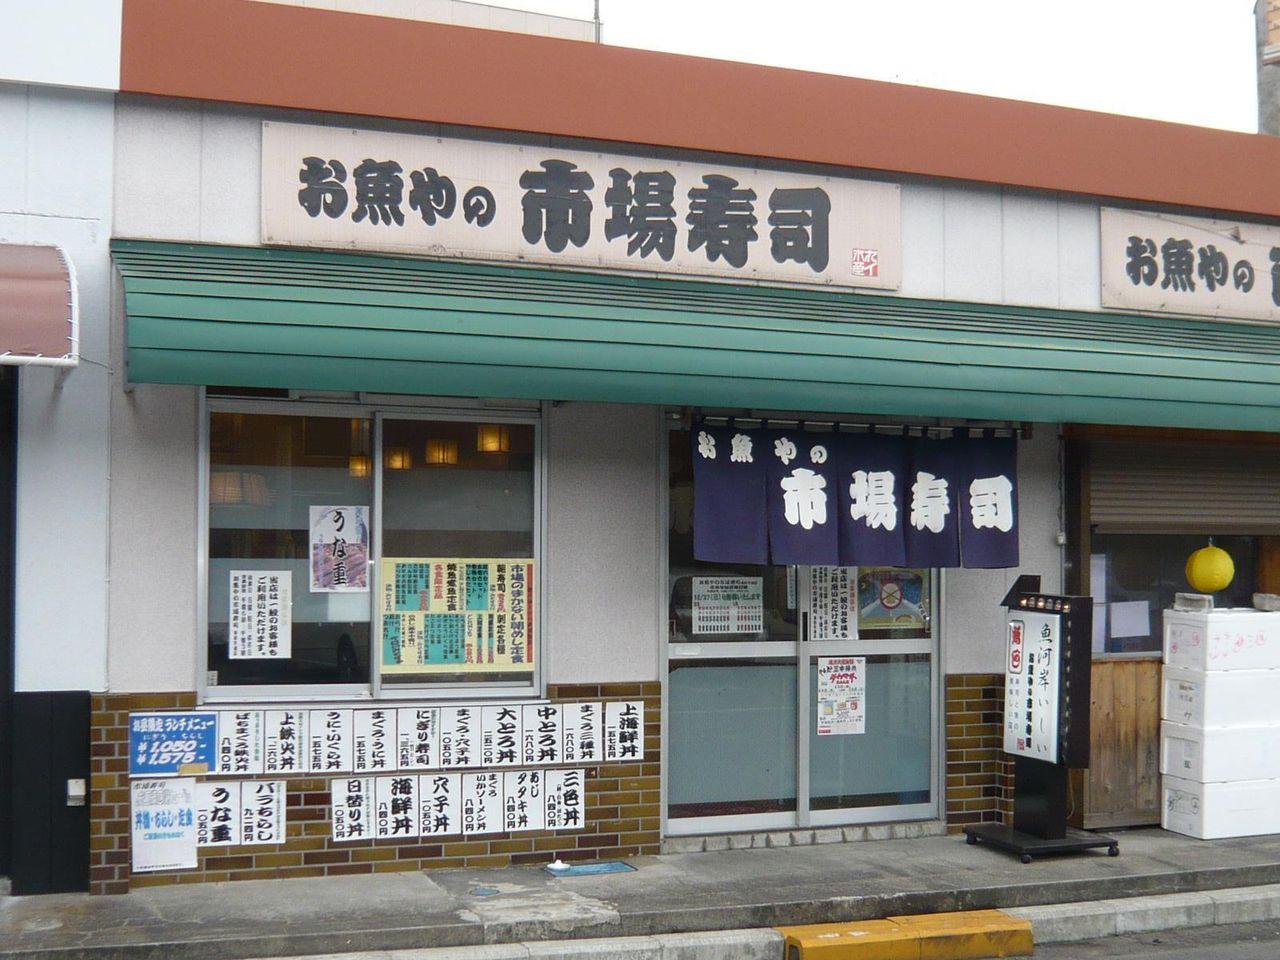 川崎南部市場の駐車場を無料で利用できます。